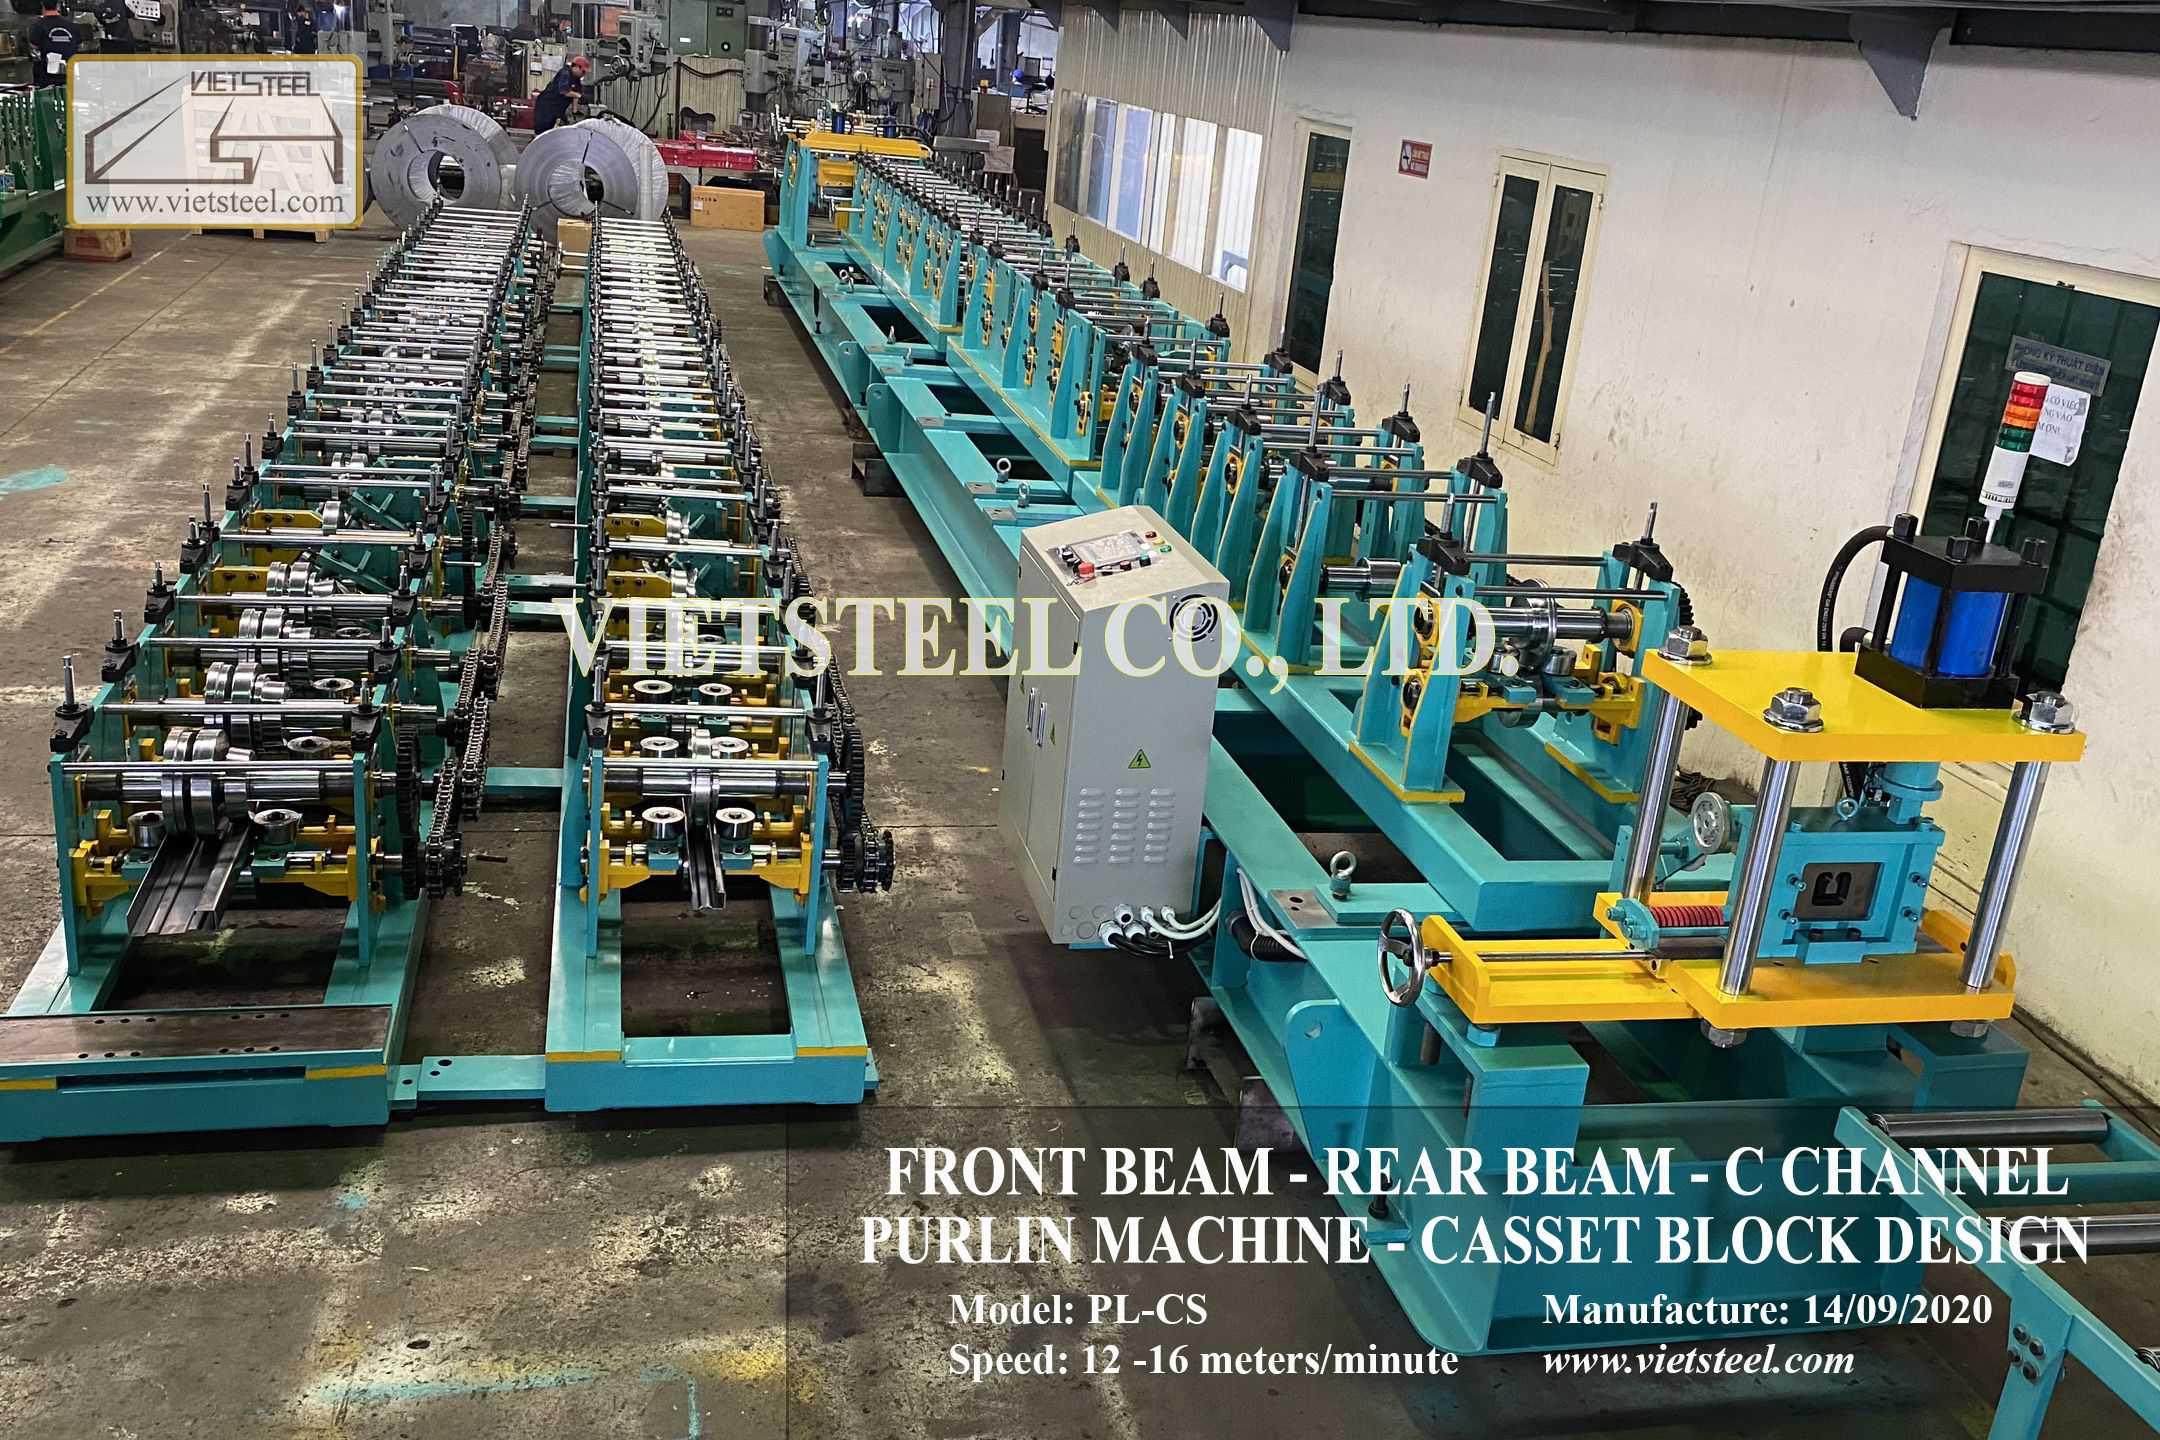 FRONT BEAM - REAR BEAM - C CHANNEL PURLIN MACHINE - CASSET BLOCK DESIGN